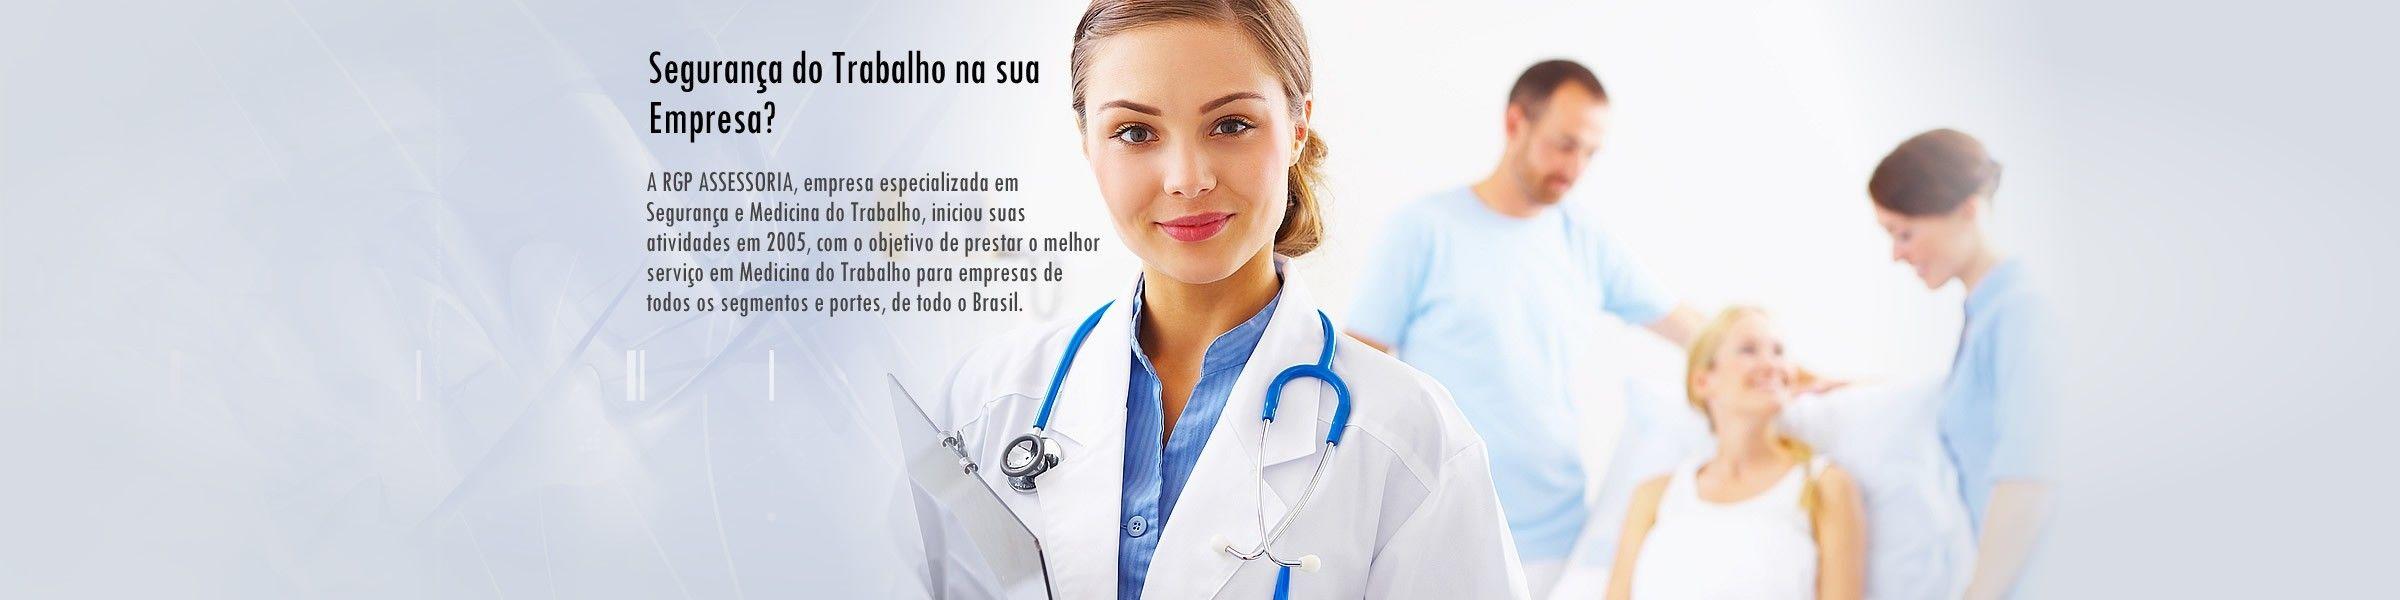 Atestados Ocupacionais de Saúde Onde Conseguir no Itaim Paulista - Atestado de Saúde Ocupacional em SP